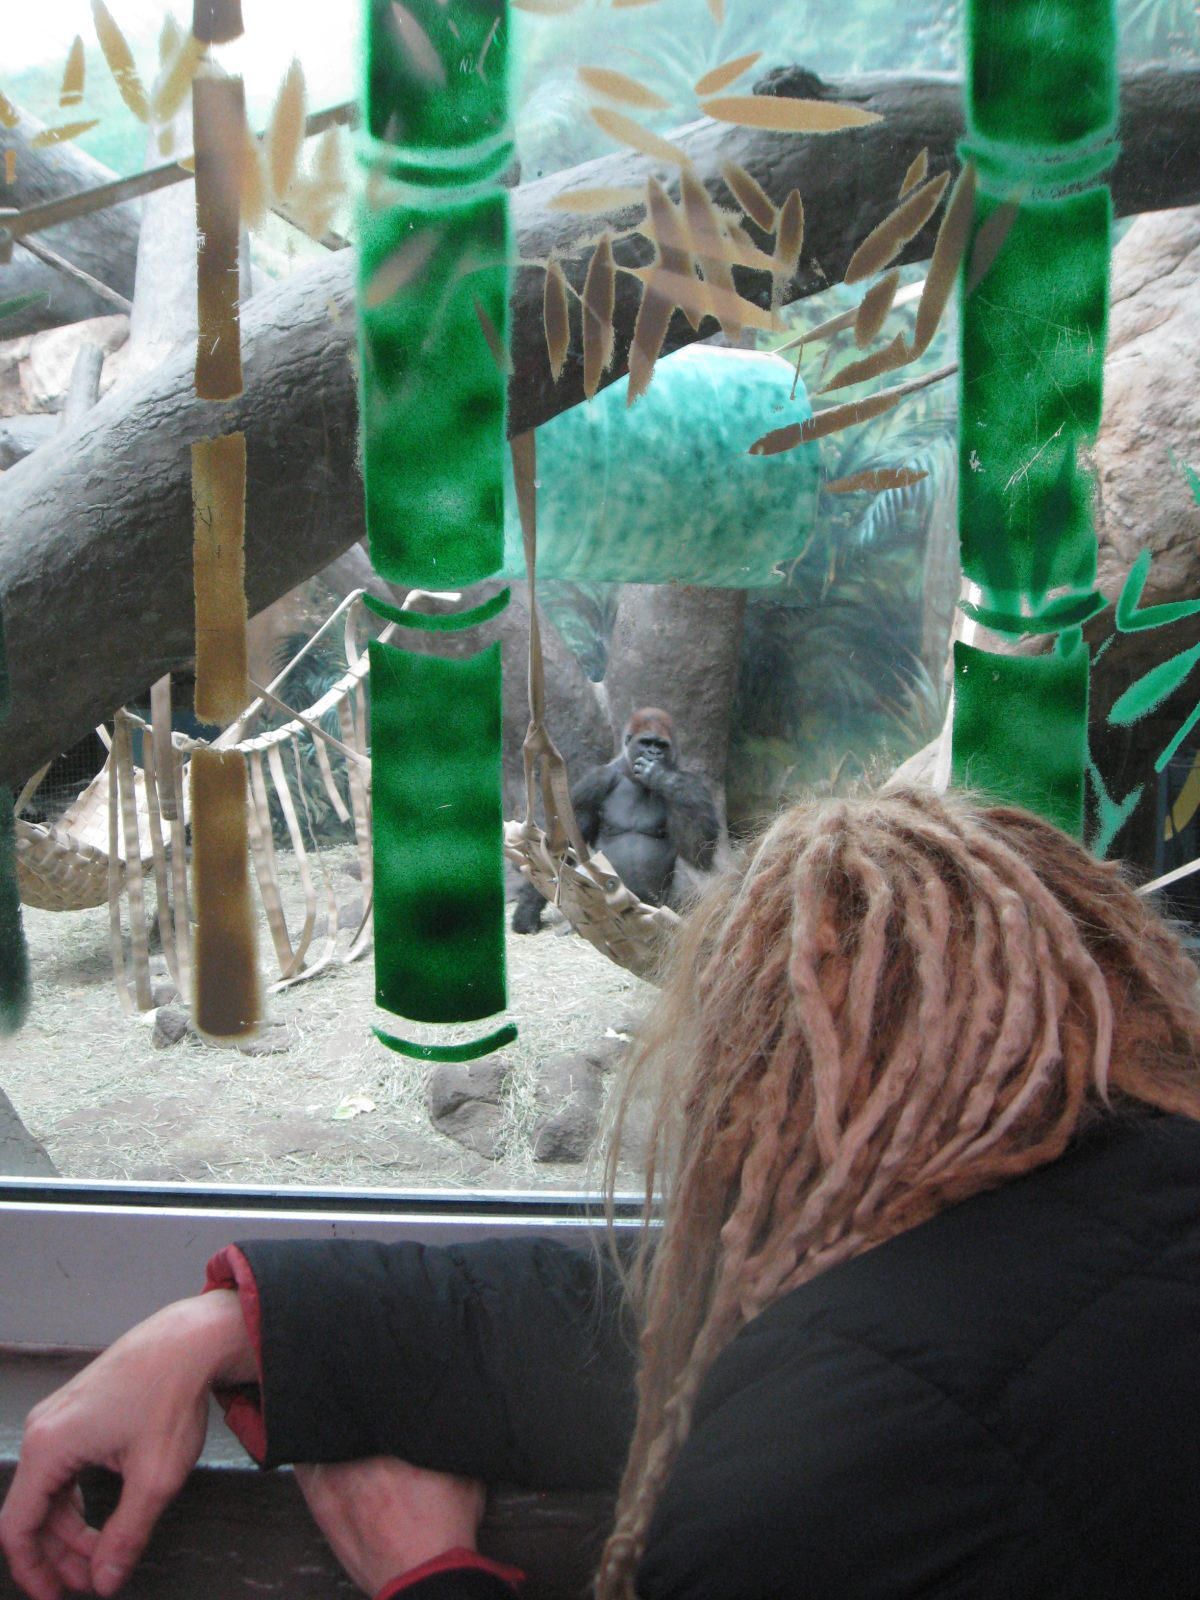 Dawn Prince-Hughes olha para um gorila